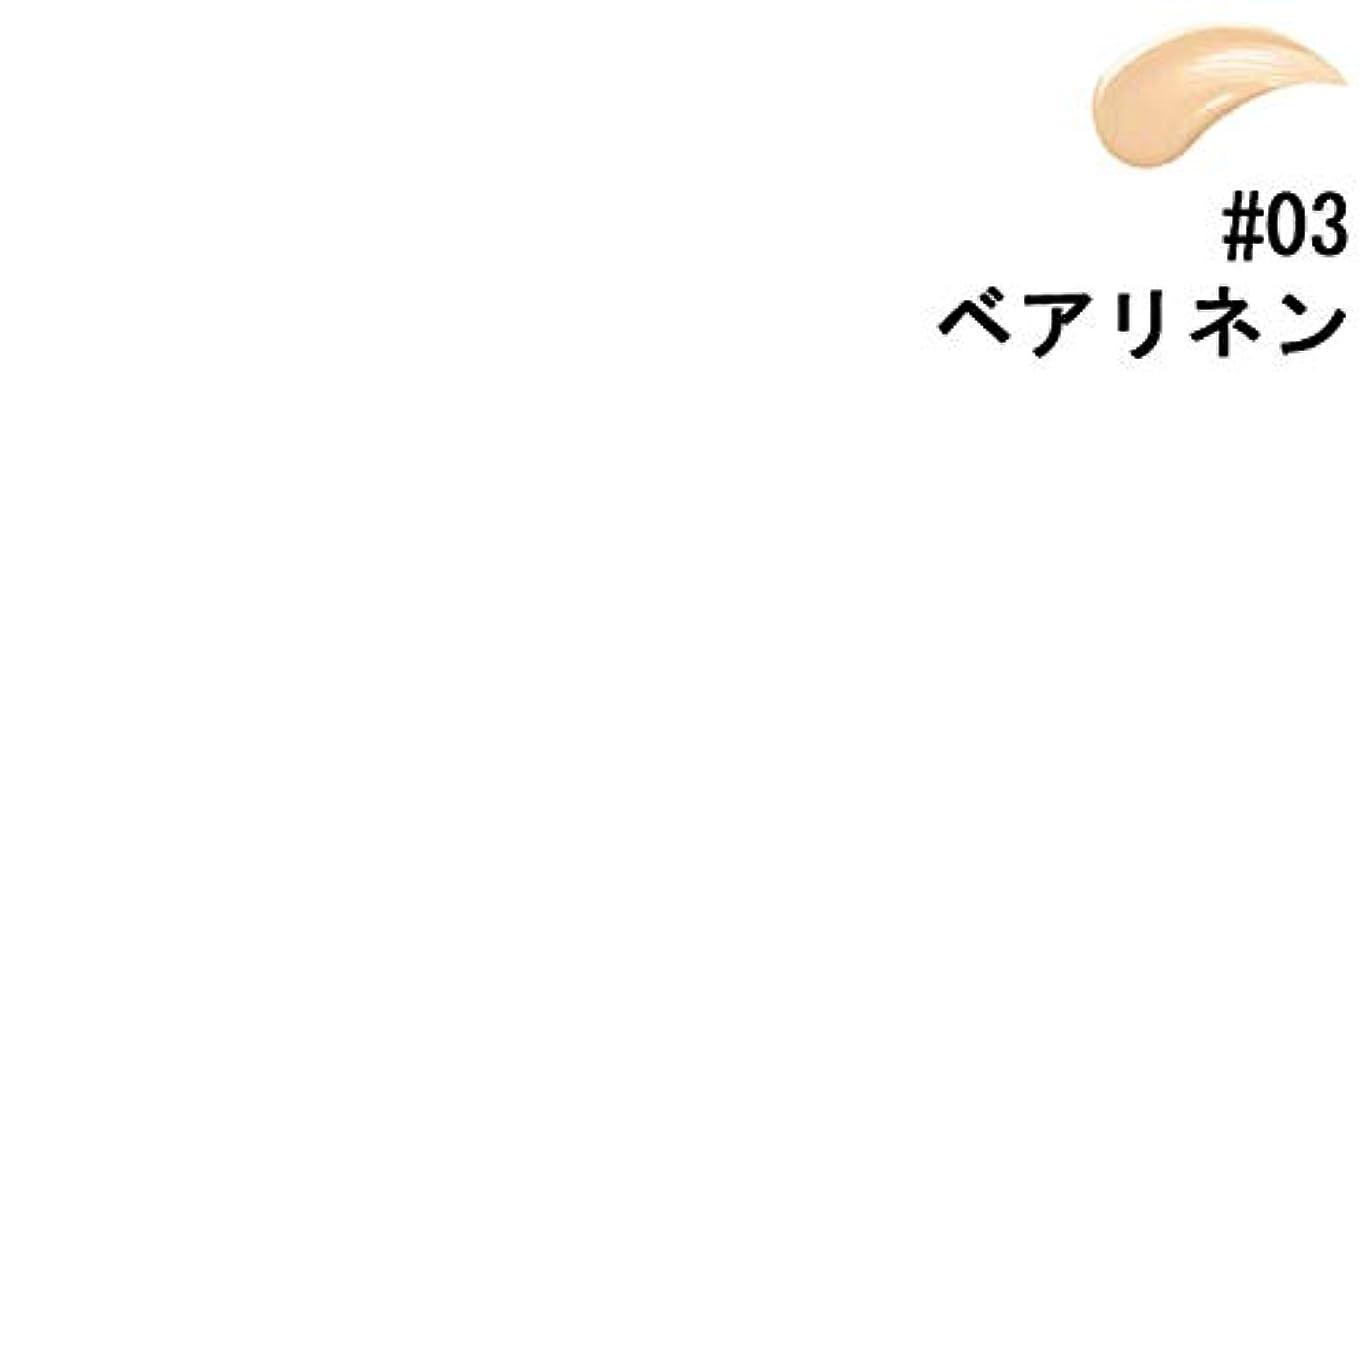 デザイナー控える転用【ベアミネラル】ベアミネラル ベア ファンデーション #03 ベアリネン 30ml [並行輸入品]